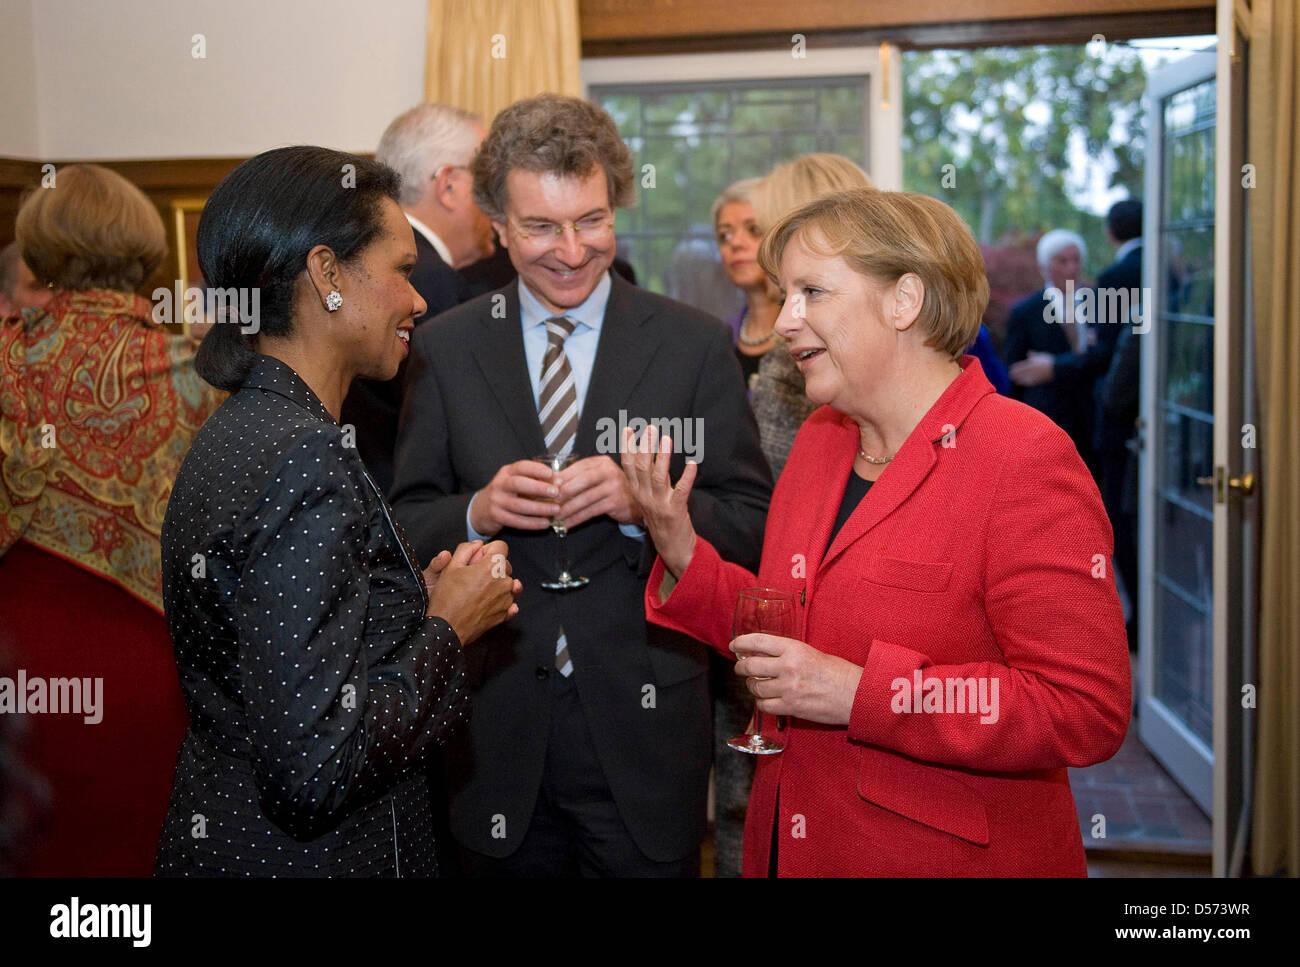 Bundeskanzlerin Angela Merkel, die frühere US-Außenministerin Condoleezza Rice (l) und der außenpolitische - Stock Image